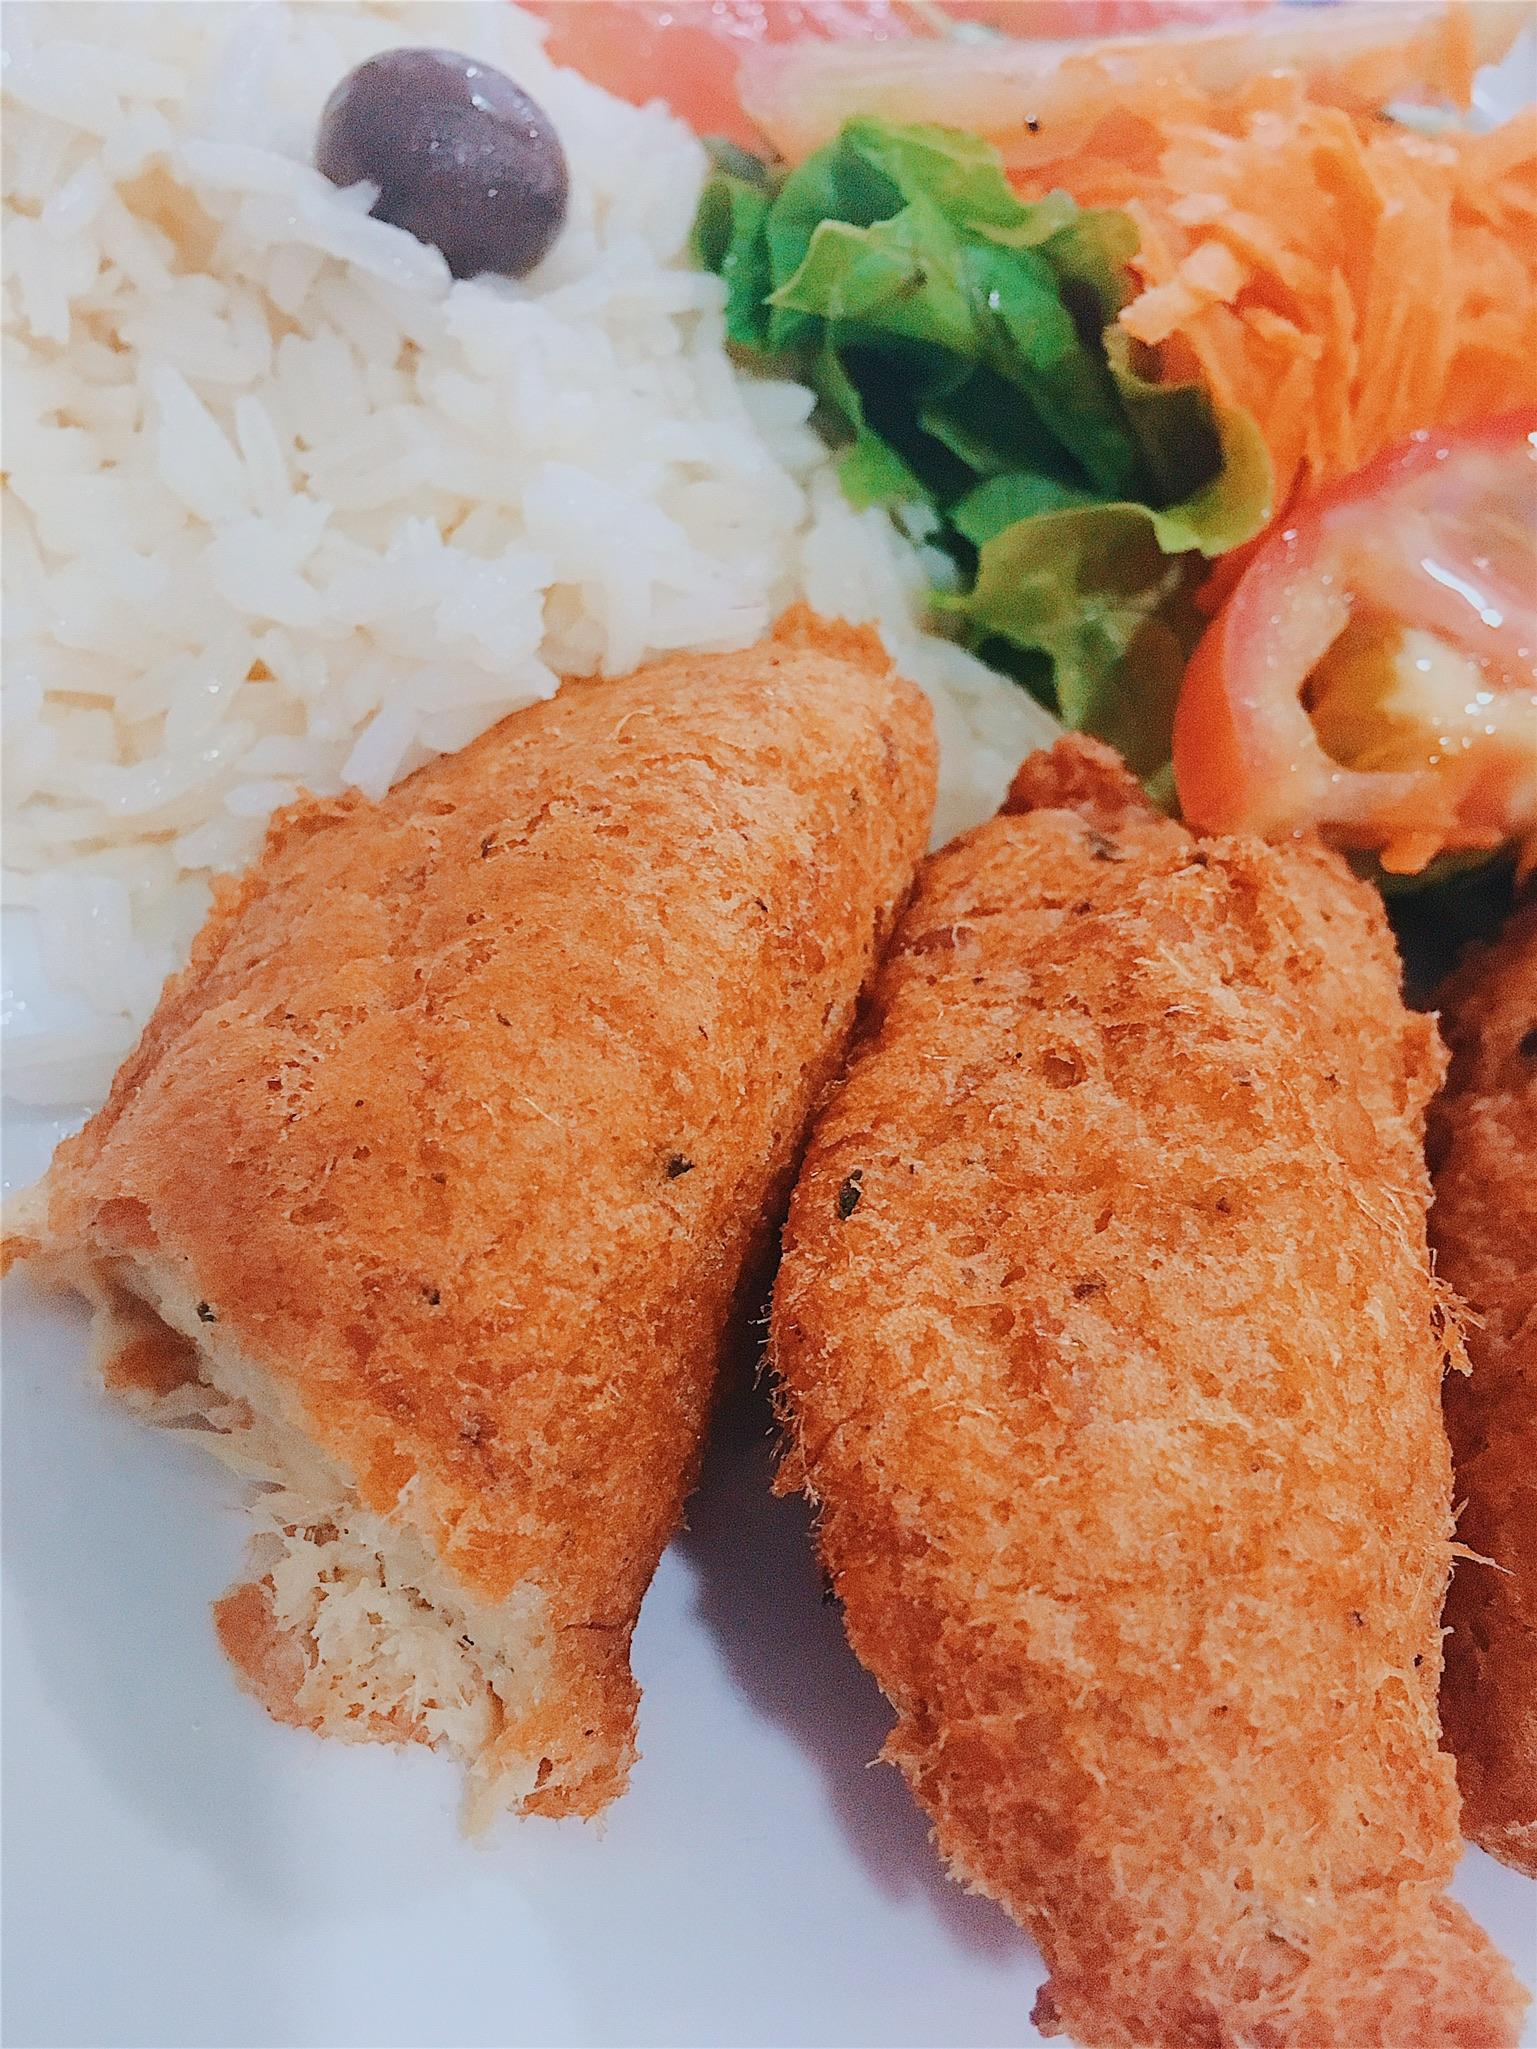 Bolinhos de bacalhau (cod fritters)